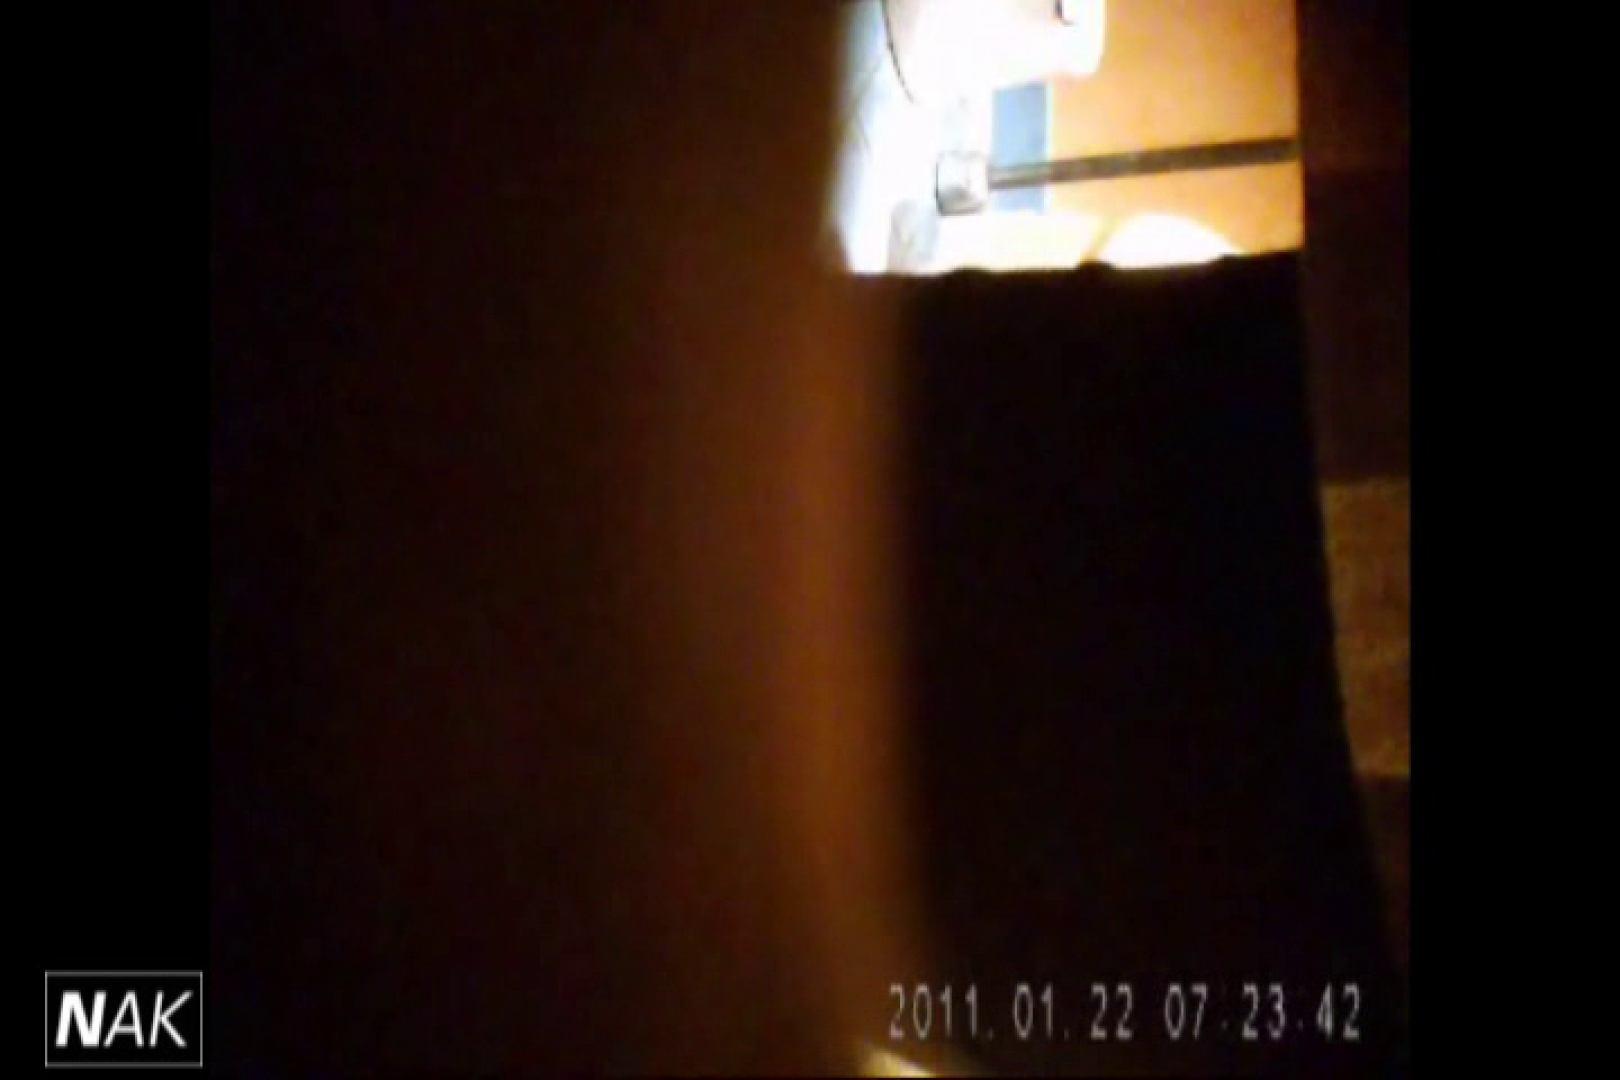 せん八さんの厠観察日記!2点監視カメラ 高画質5000K vol.11 お姉さんのエロ動画 盗撮画像 95PIX 38